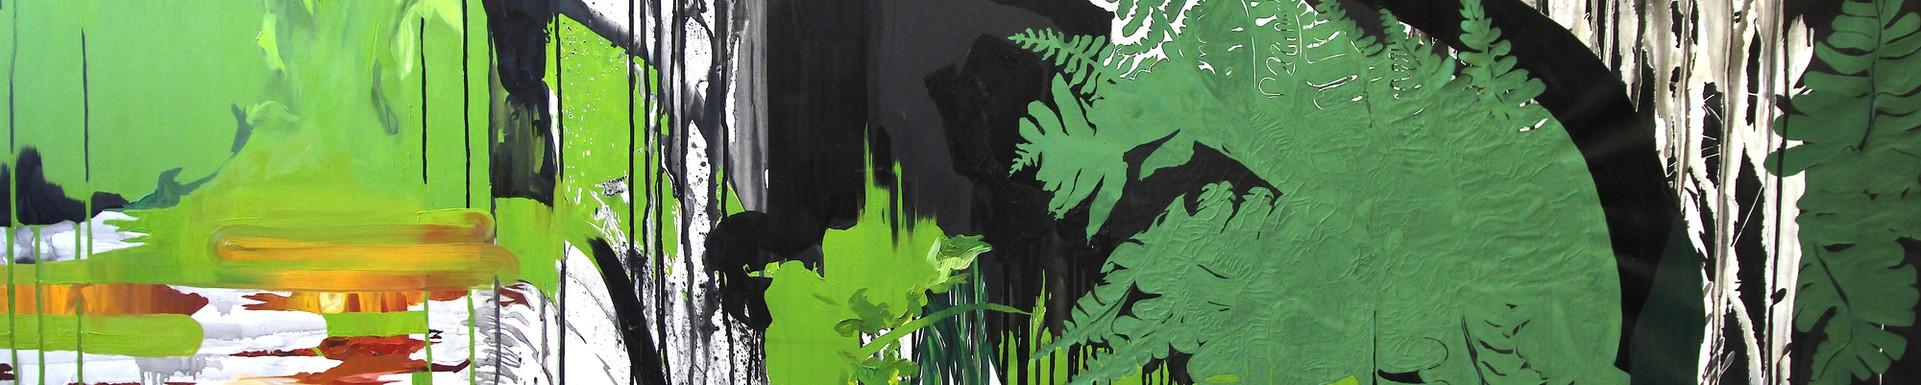 The Waterfallin' Green